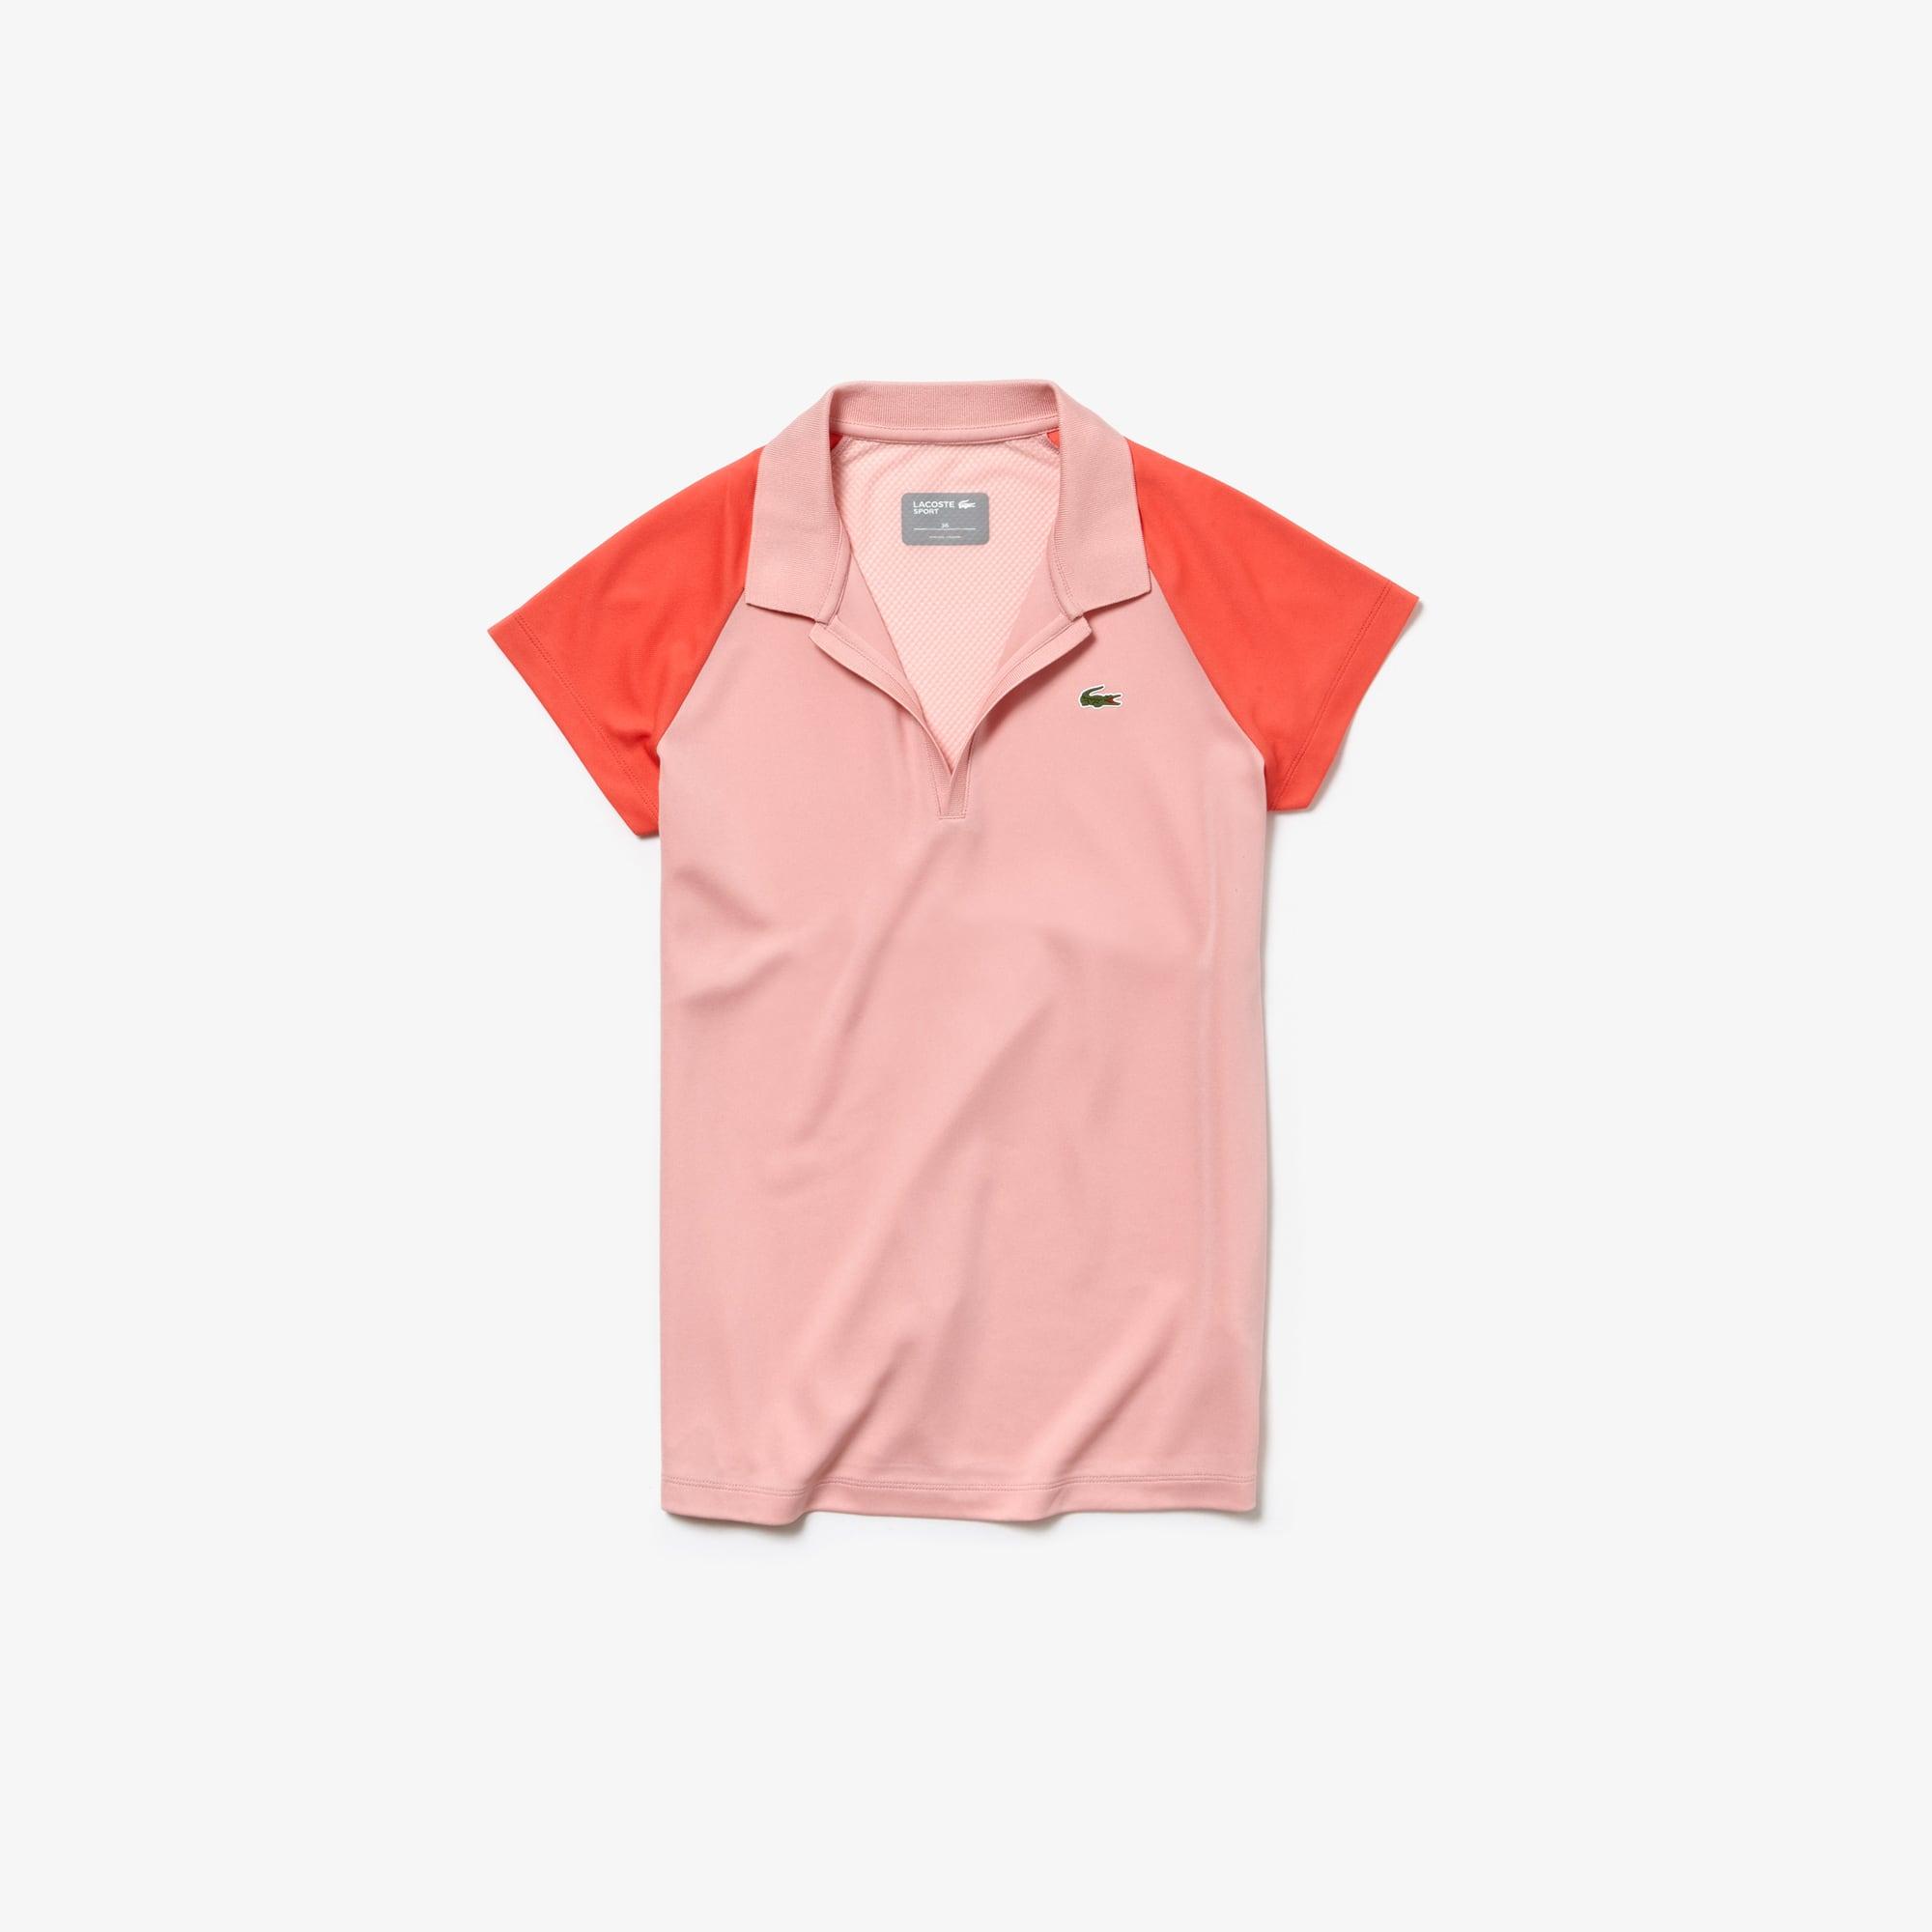 라코스테 Lacoste Womens SPORT Tech Pique Tennis Polo,pink / red